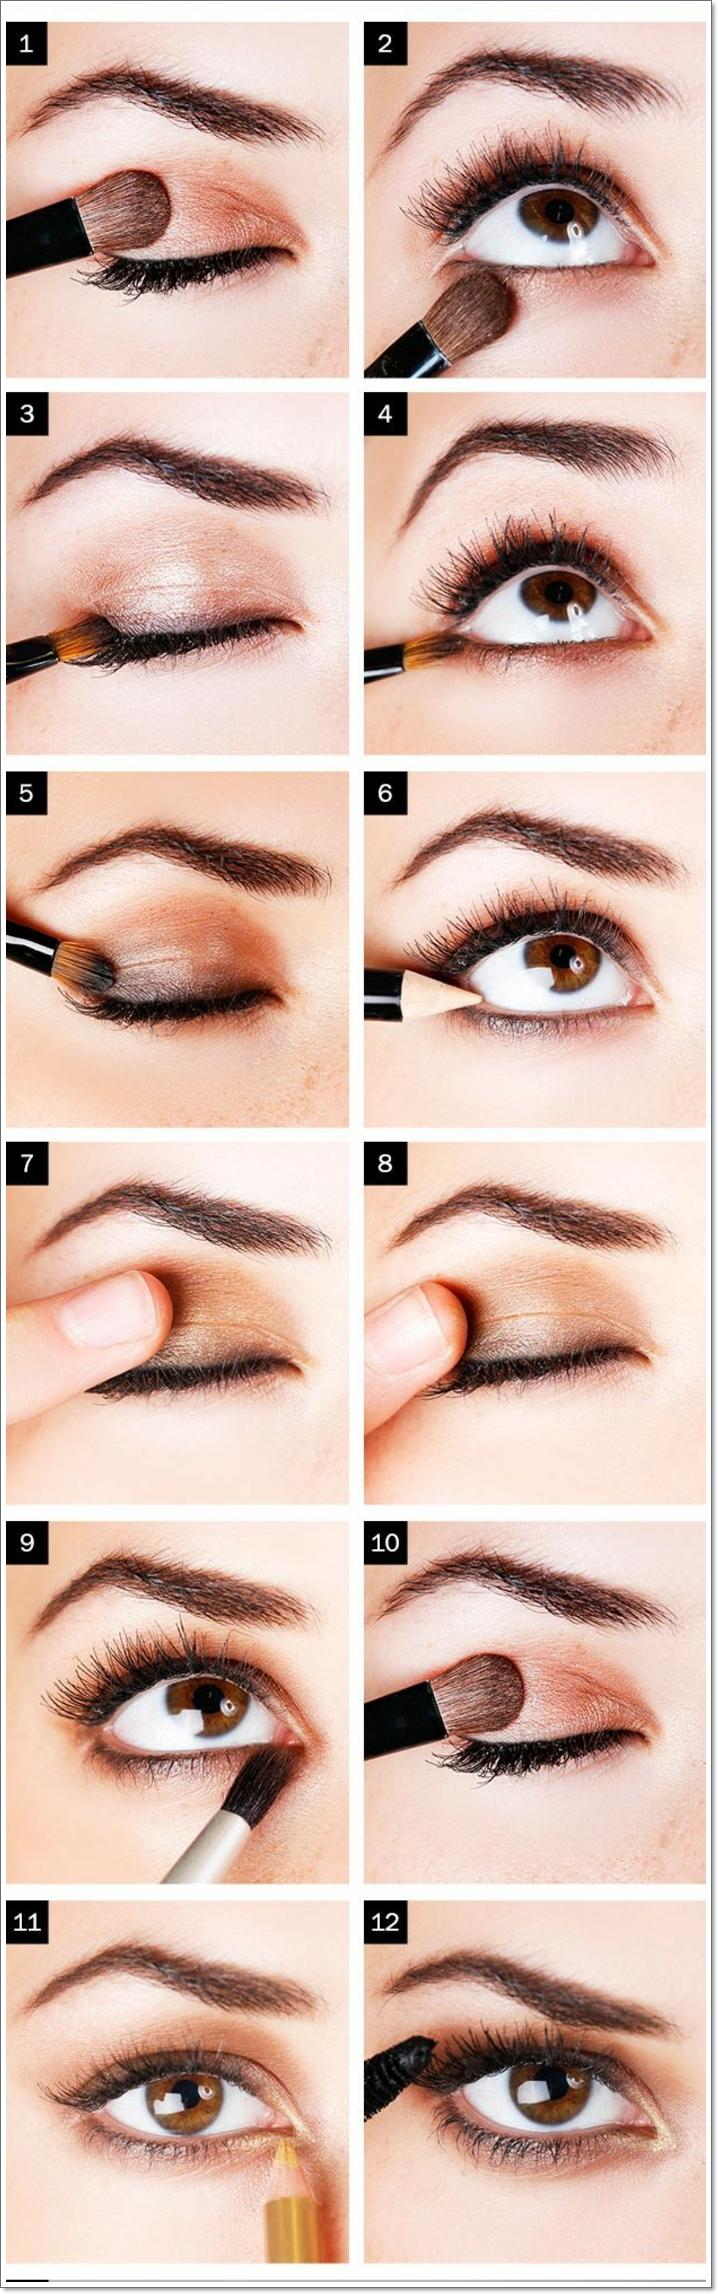 maquillage de tous les jours, étapes à suivre, pinceau smudge, tuto maquillage yeux marrons